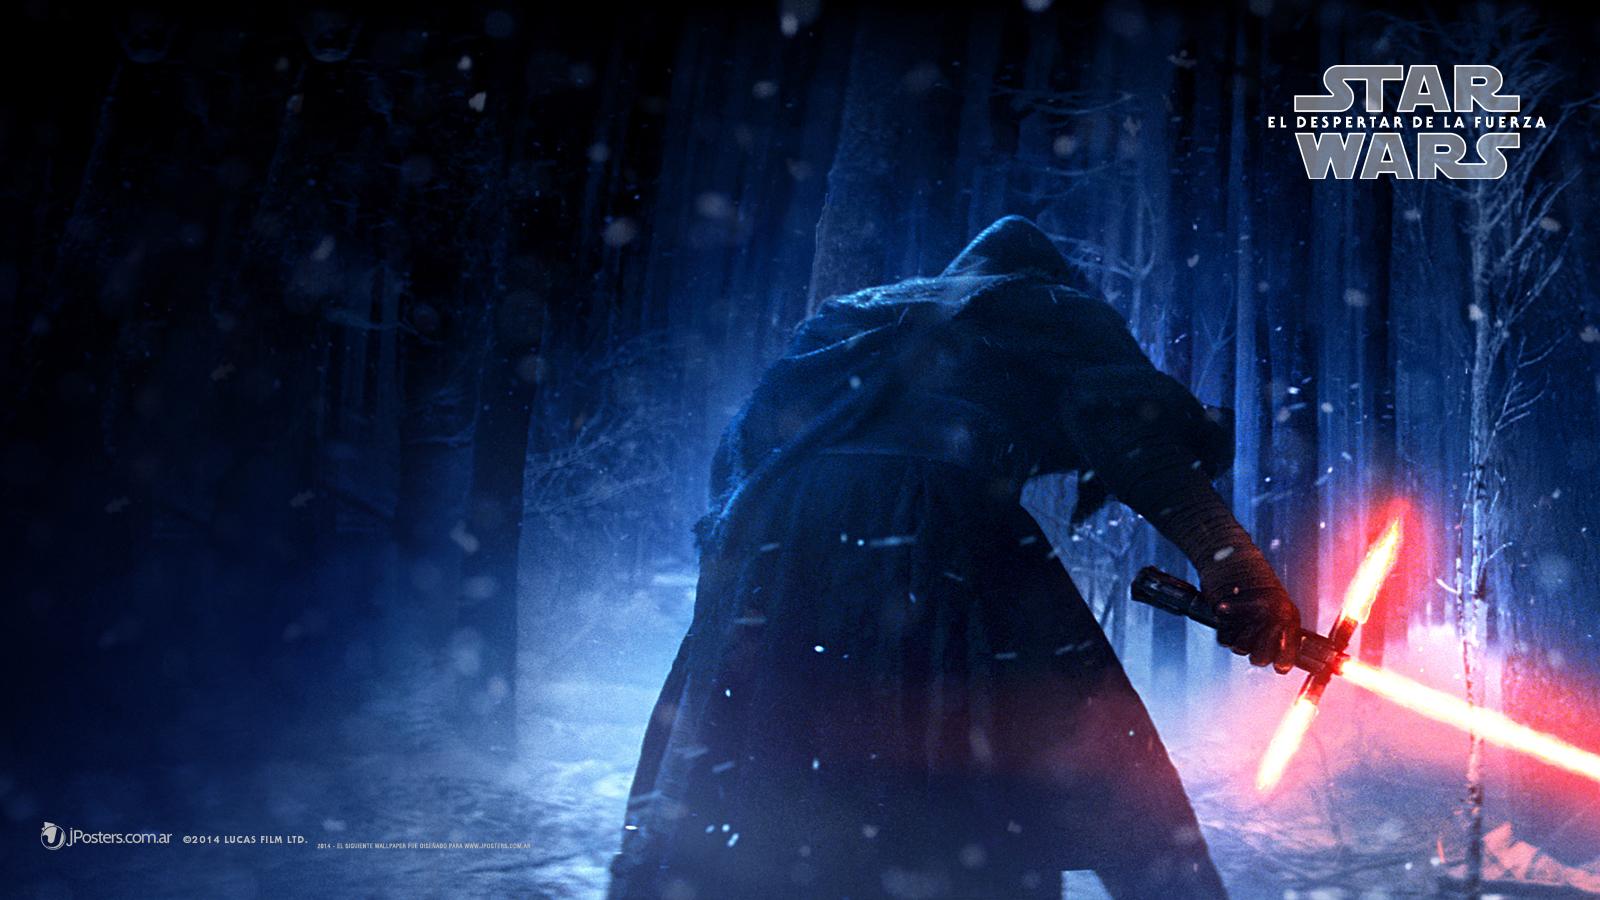 Star Wars 7 Wallpaper HD - WallpaperSafari